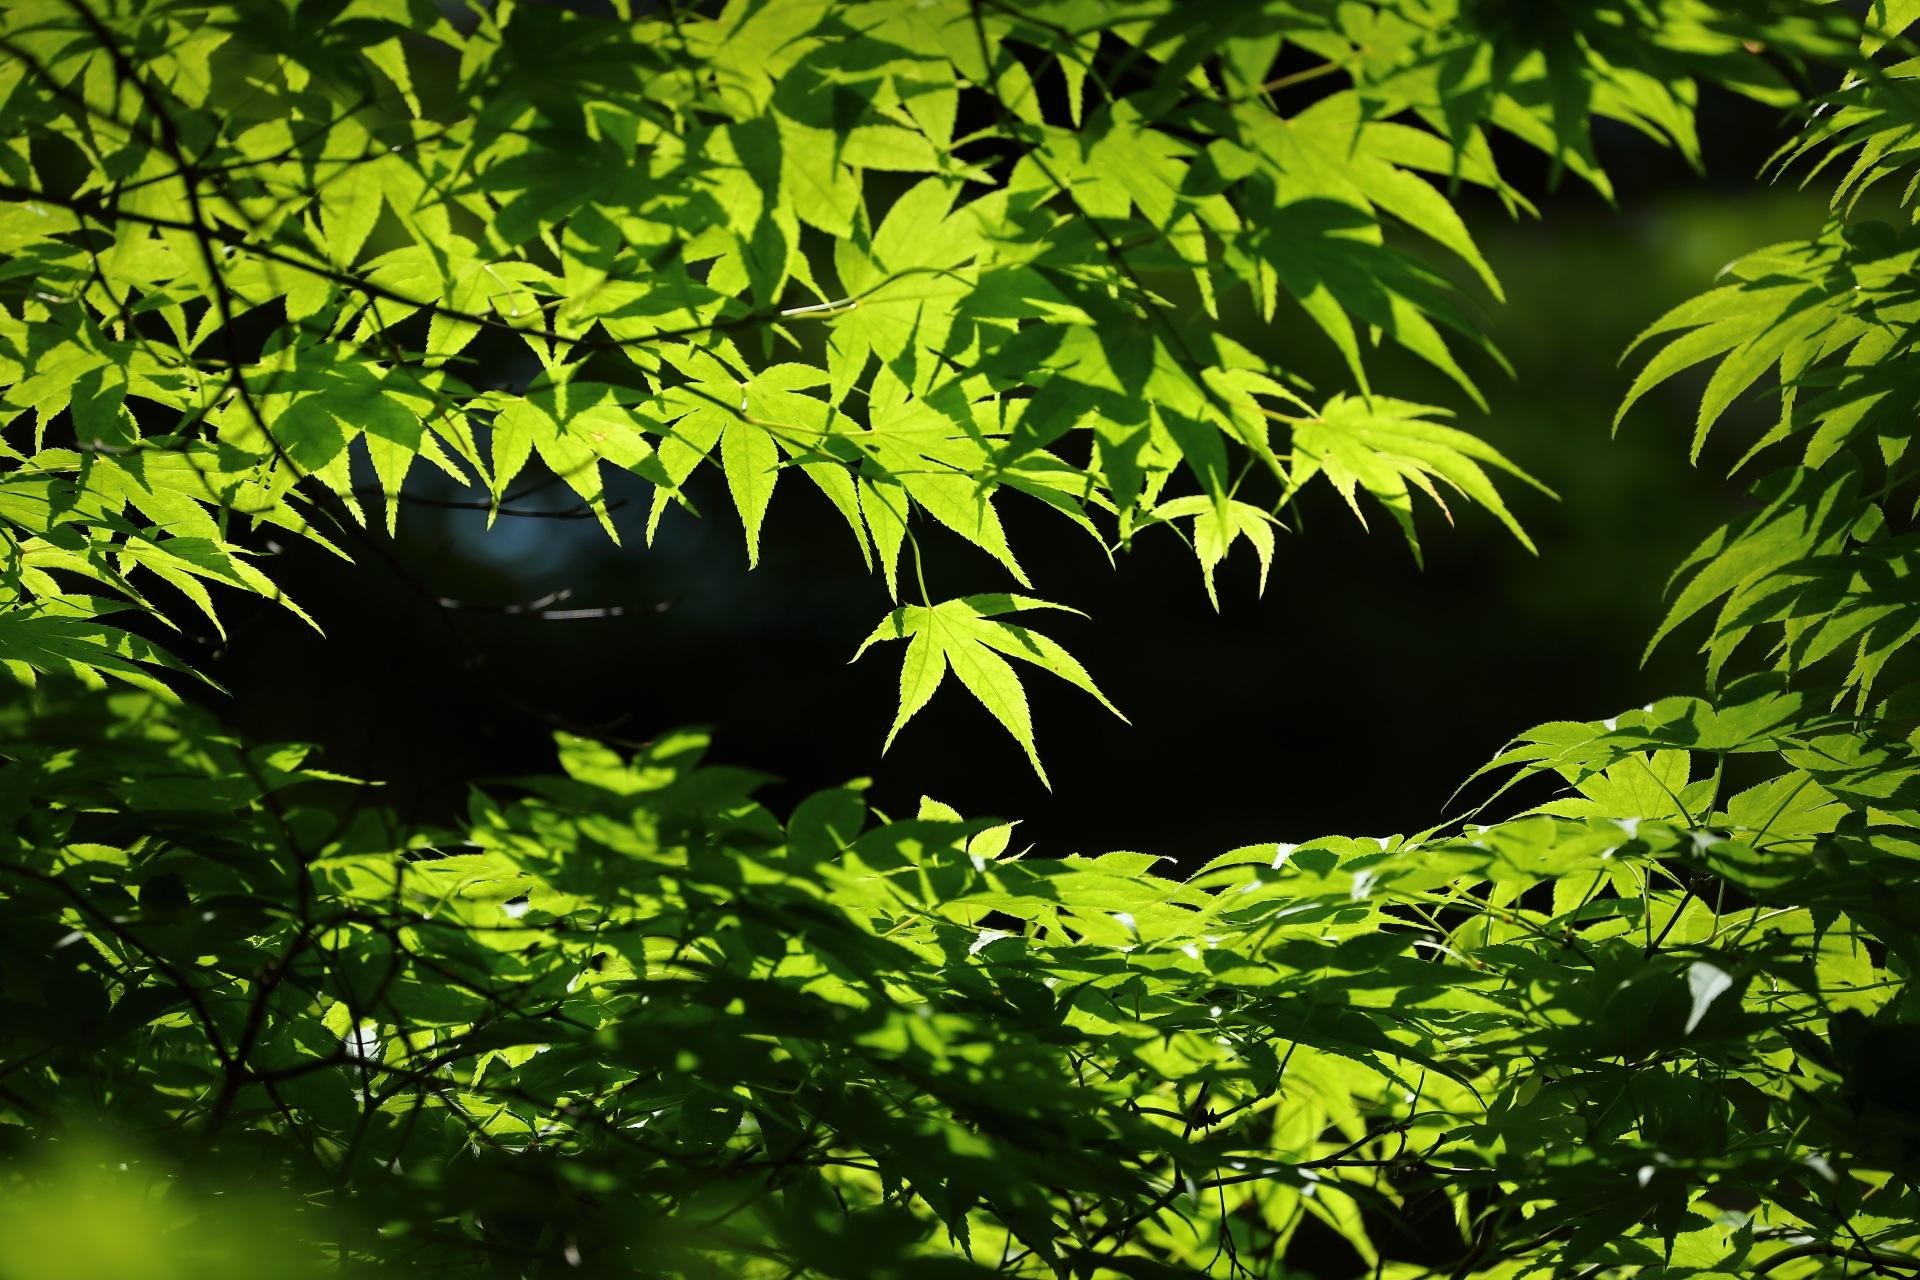 Early Summer Green by takashi.mizoguchi